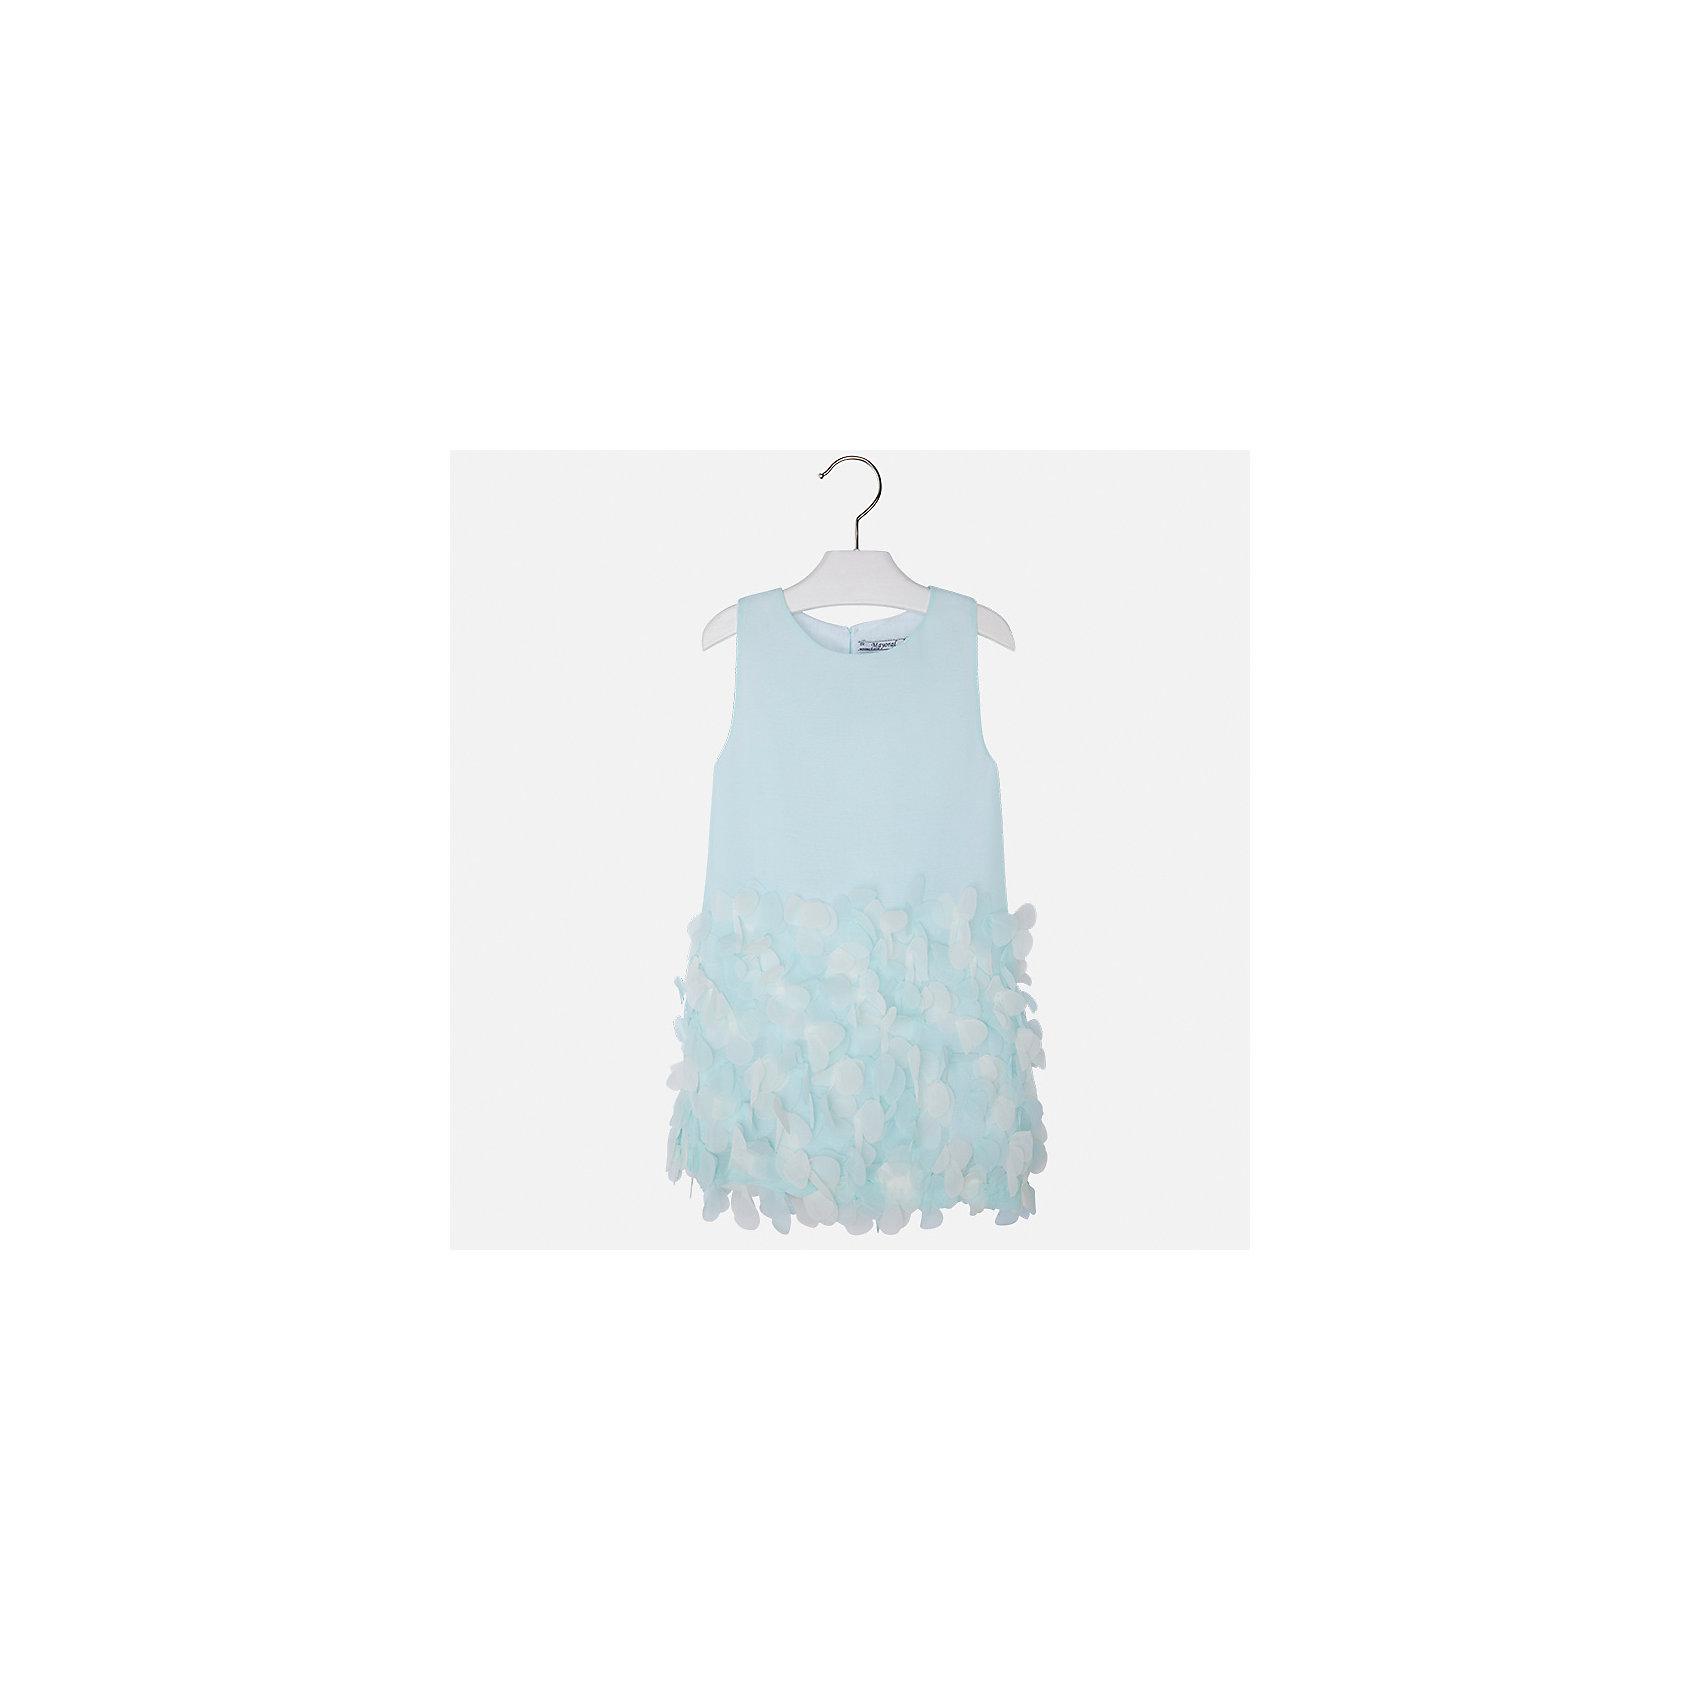 Платье для девочки MayoralХарактеристики товара:<br><br>• цвет: голубой<br>• состав: 100% полиэстер, подкладка - 65% полиэстер, 35% хлопок<br>• застежка: молния<br>• легкий материал<br>• объемные элементы на подоле<br>• без рукавов<br>• с подкладкой<br>• страна бренда: Испания<br><br>Эффектное платье для девочки поможет разнообразить гардероб ребенка и создать эффектный наряд. Оно отлично подойдет и для торжественных случаев. Красивый оттенок позволяет подобрать к вещи обувь разных расцветок. В составе материала подкладки - натуральный хлопок, гипоаллергенный, приятный на ощупь, дышащий. Платье хорошо сидит по фигуре.<br><br>Одежда, обувь и аксессуары от испанского бренда Mayoral полюбились детям и взрослым по всему миру. Модели этой марки - стильные и удобные. Для их производства используются только безопасные, качественные материалы и фурнитура. Порадуйте ребенка модными и красивыми вещами от Mayoral! <br><br>Платье для девочки от испанского бренда Mayoral (Майорал) можно купить в нашем интернет-магазине.<br><br>Ширина мм: 236<br>Глубина мм: 16<br>Высота мм: 184<br>Вес г: 177<br>Цвет: голубой<br>Возраст от месяцев: 96<br>Возраст до месяцев: 108<br>Пол: Женский<br>Возраст: Детский<br>Размер: 134,92,98,110,116,122,128,104<br>SKU: 5291162